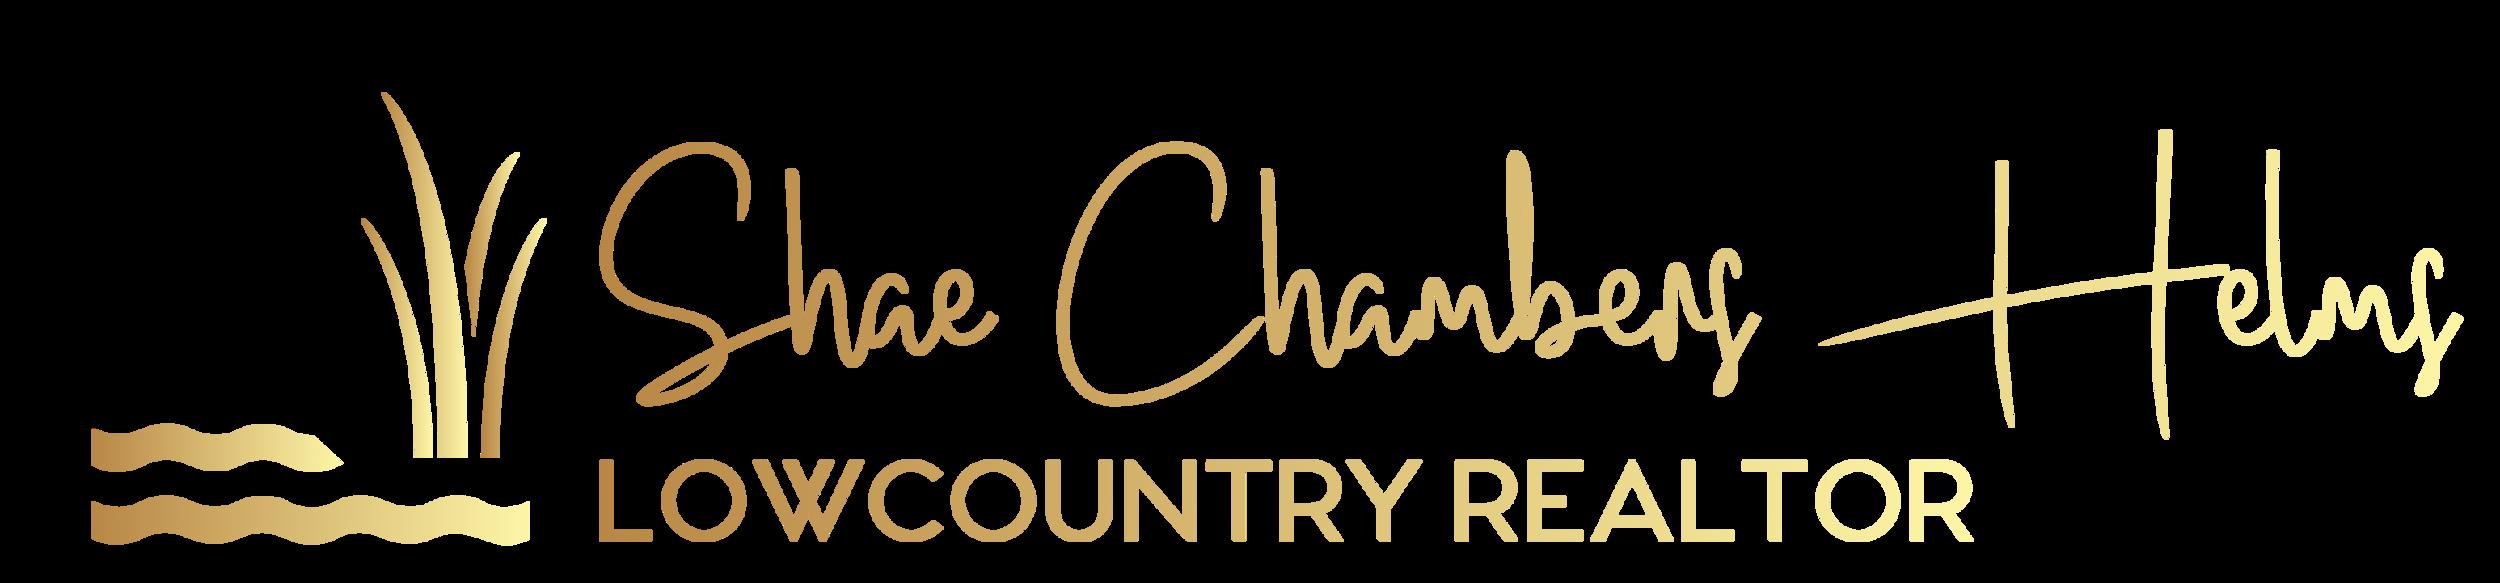 She-Chambers-Logo